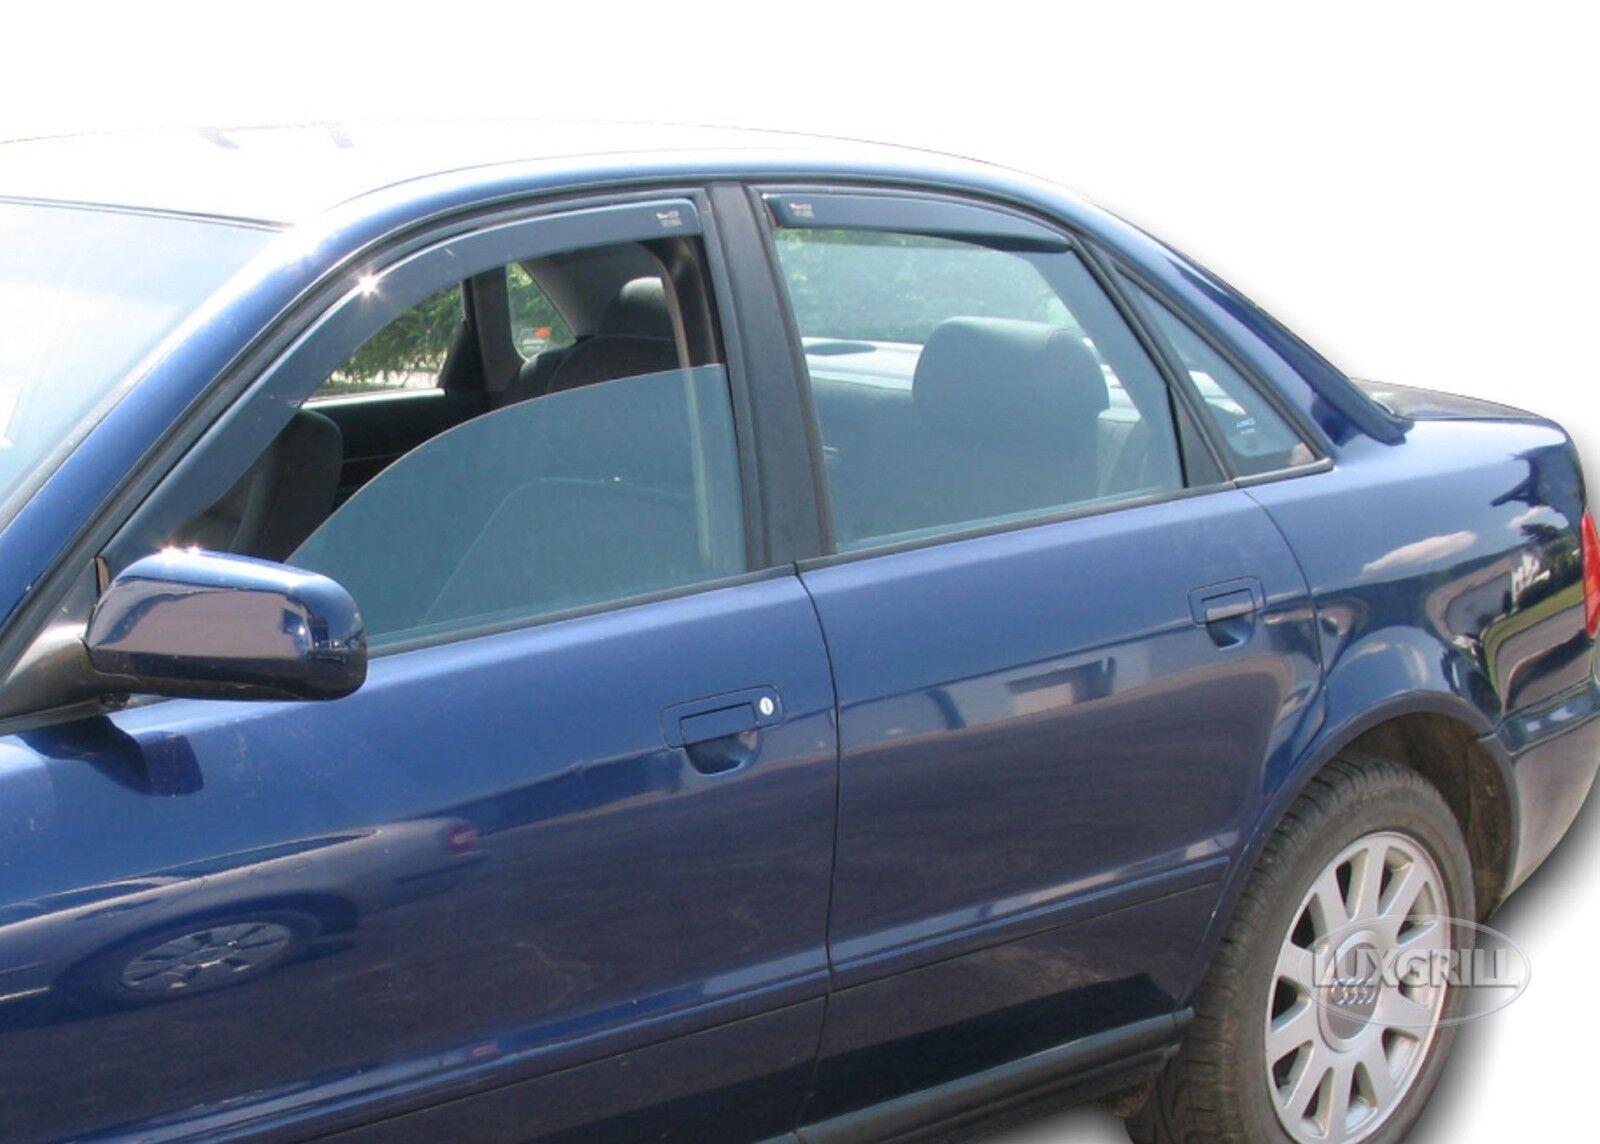 Windabweiser für Audi S4 B5 8D 1997-2001 Avant Kombi 5türer vorne